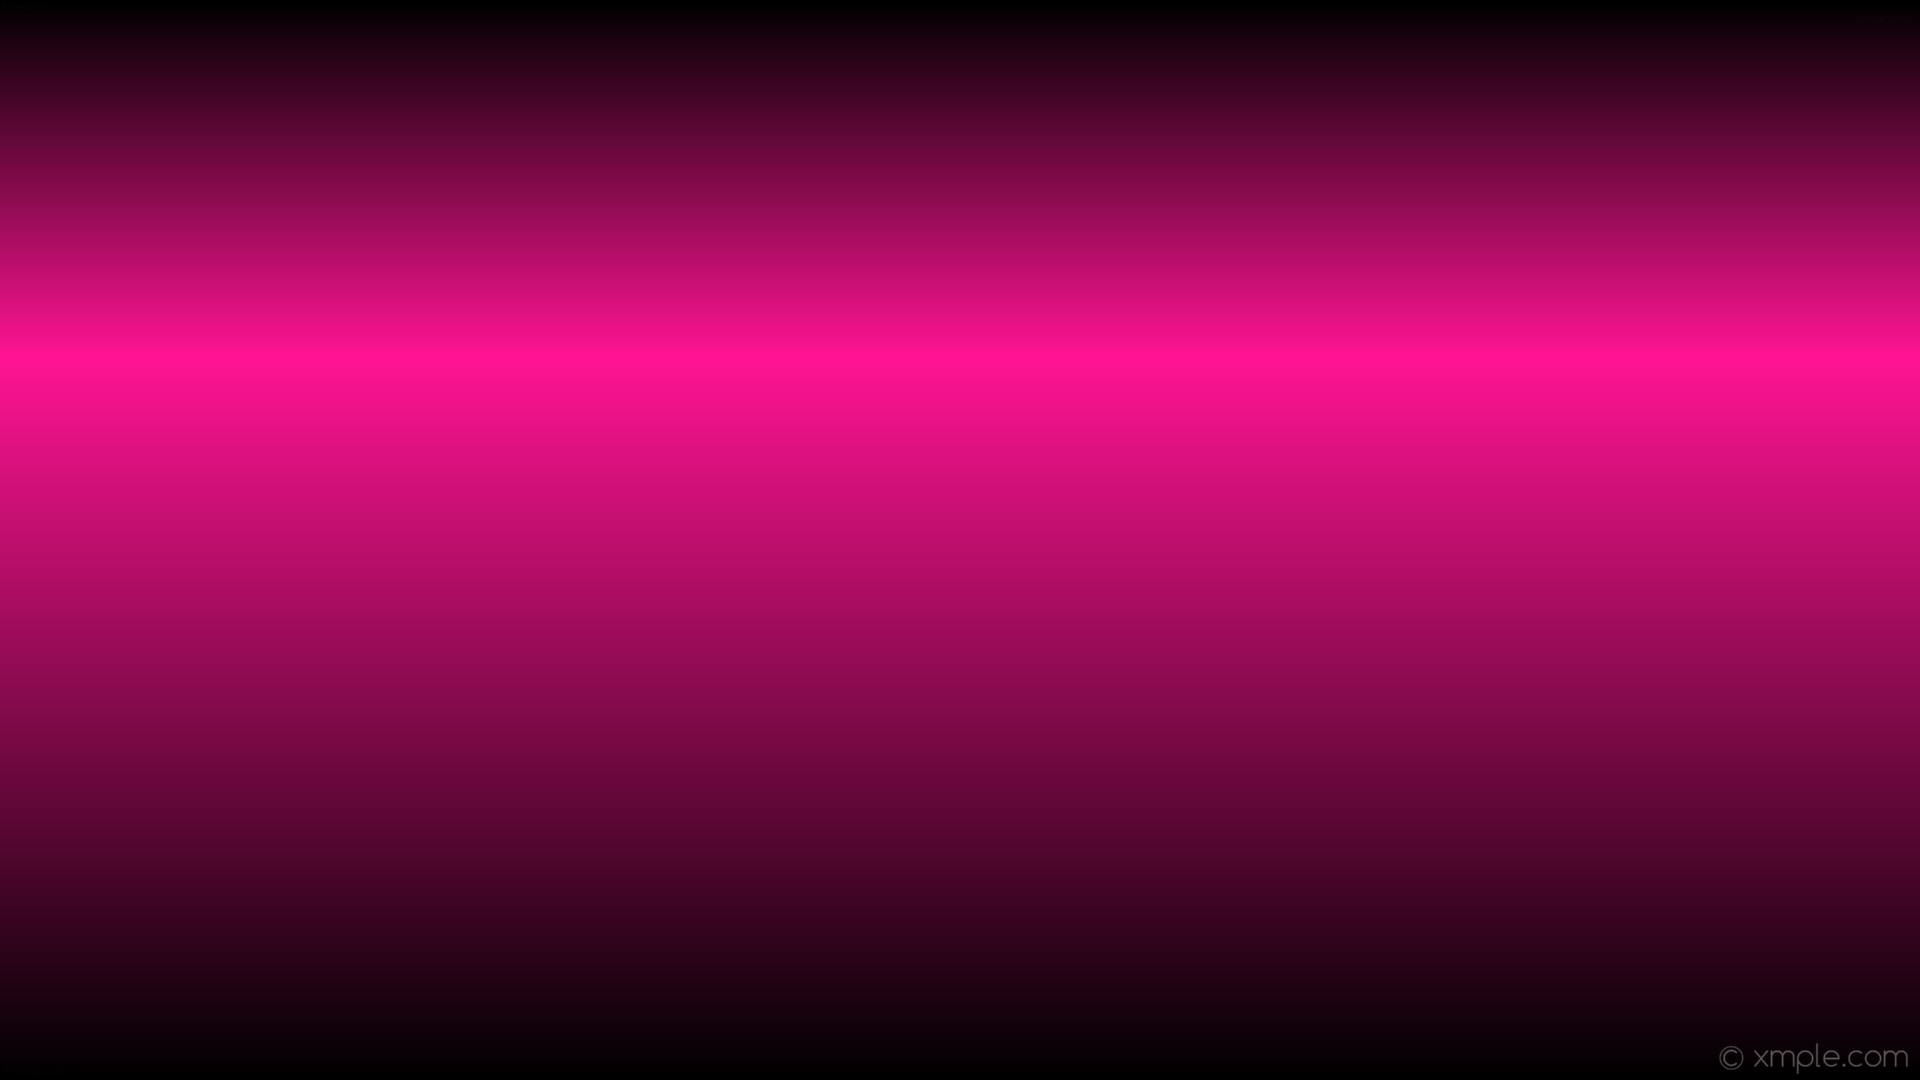 wallpaper pink black linear gradient highlight deep pink #000000 #ff1493  270° 67%